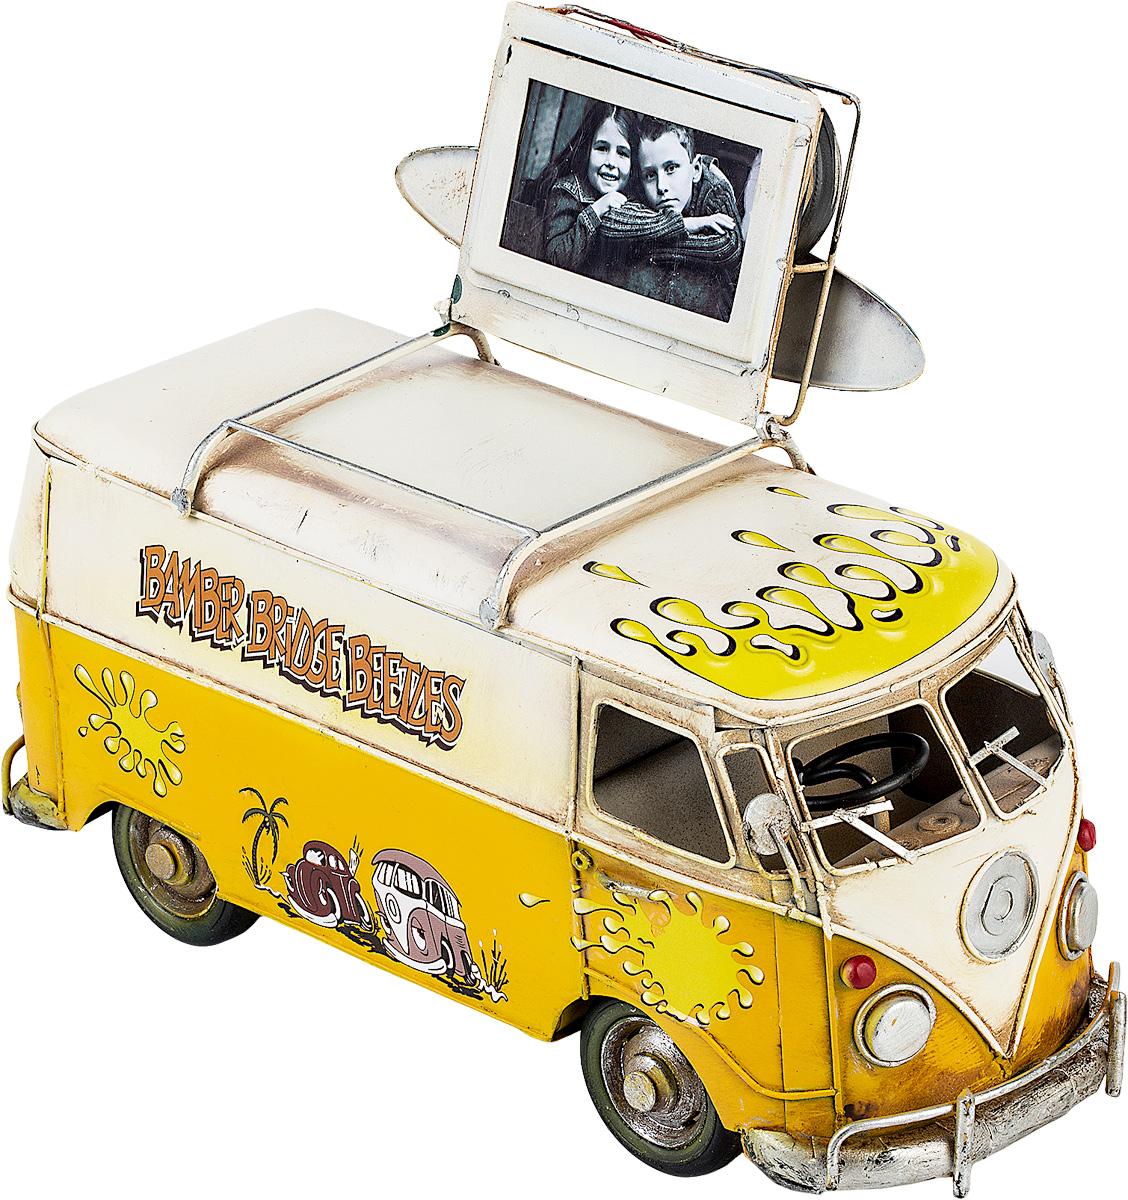 Модель Platinum Автобус, с фоторамкой. 1404E-4332CMS-23/19Модель Platinum Автобус, выполненная из металла, станет оригинальным украшением вашего интерьера. Вы можете поставить модель автобуса в любом месте, где она будет удачно смотреться.Изделие дополнено фоторамкой, куда вы можете вставить вашу любимую фотографию.Качество исполнения, точные детали и оригинальный дизайн выделяют эту модель среди ряда подобных. Модель займет достойное место в вашей коллекции, а также приятно удивит получателя в качестве стильного сувенира.Размер фотографии: 4 х 7 см.